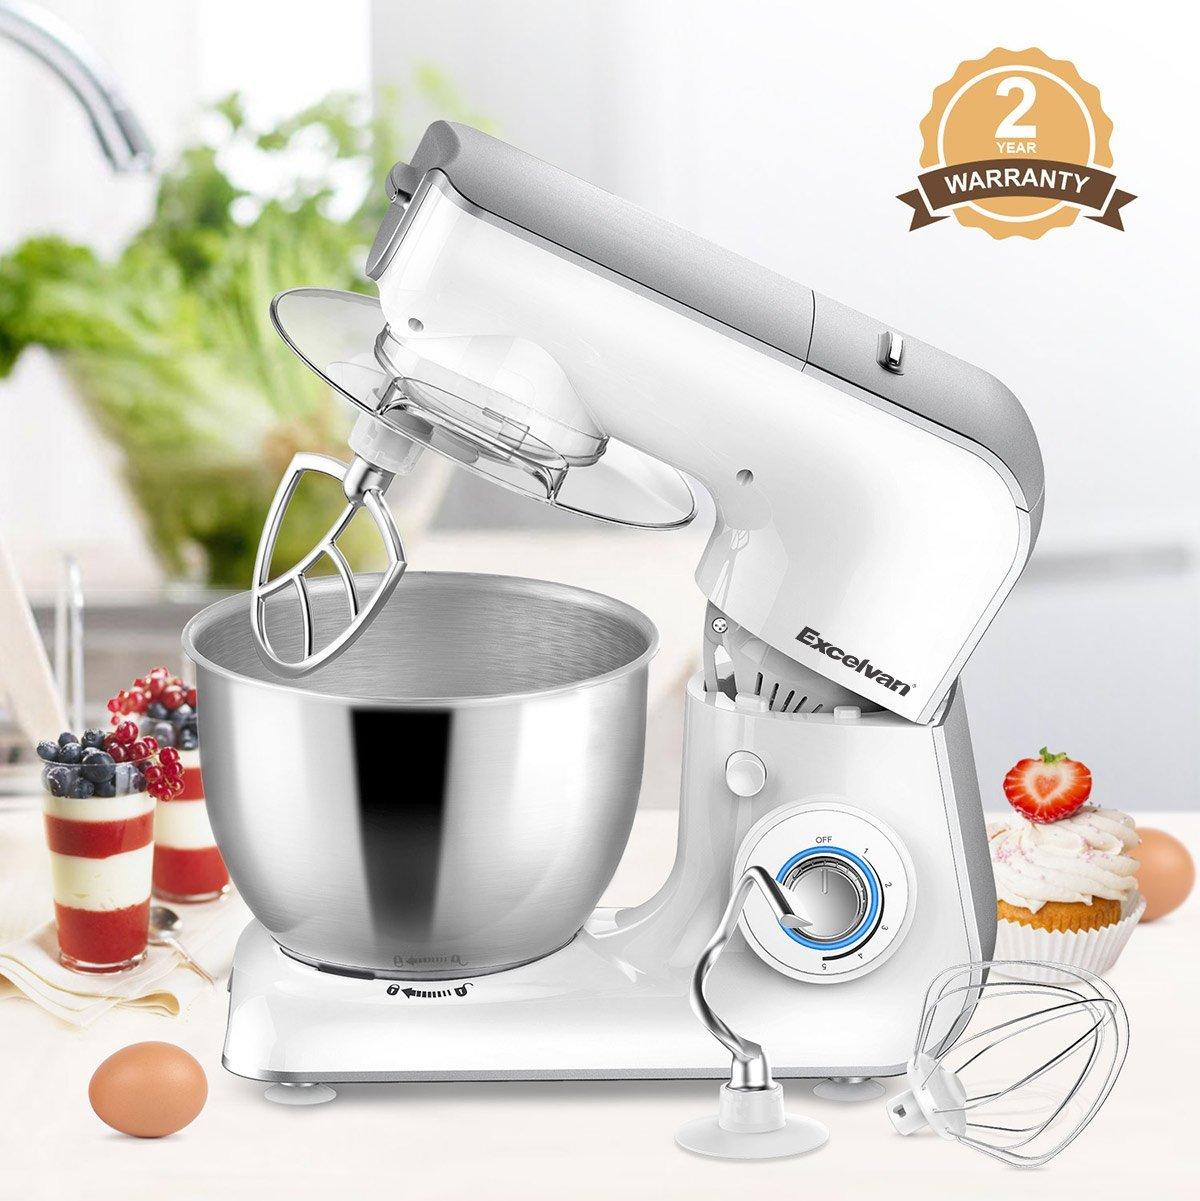 1000W Küchenmaschine mit 4L Edelstahl-Rührschüssel